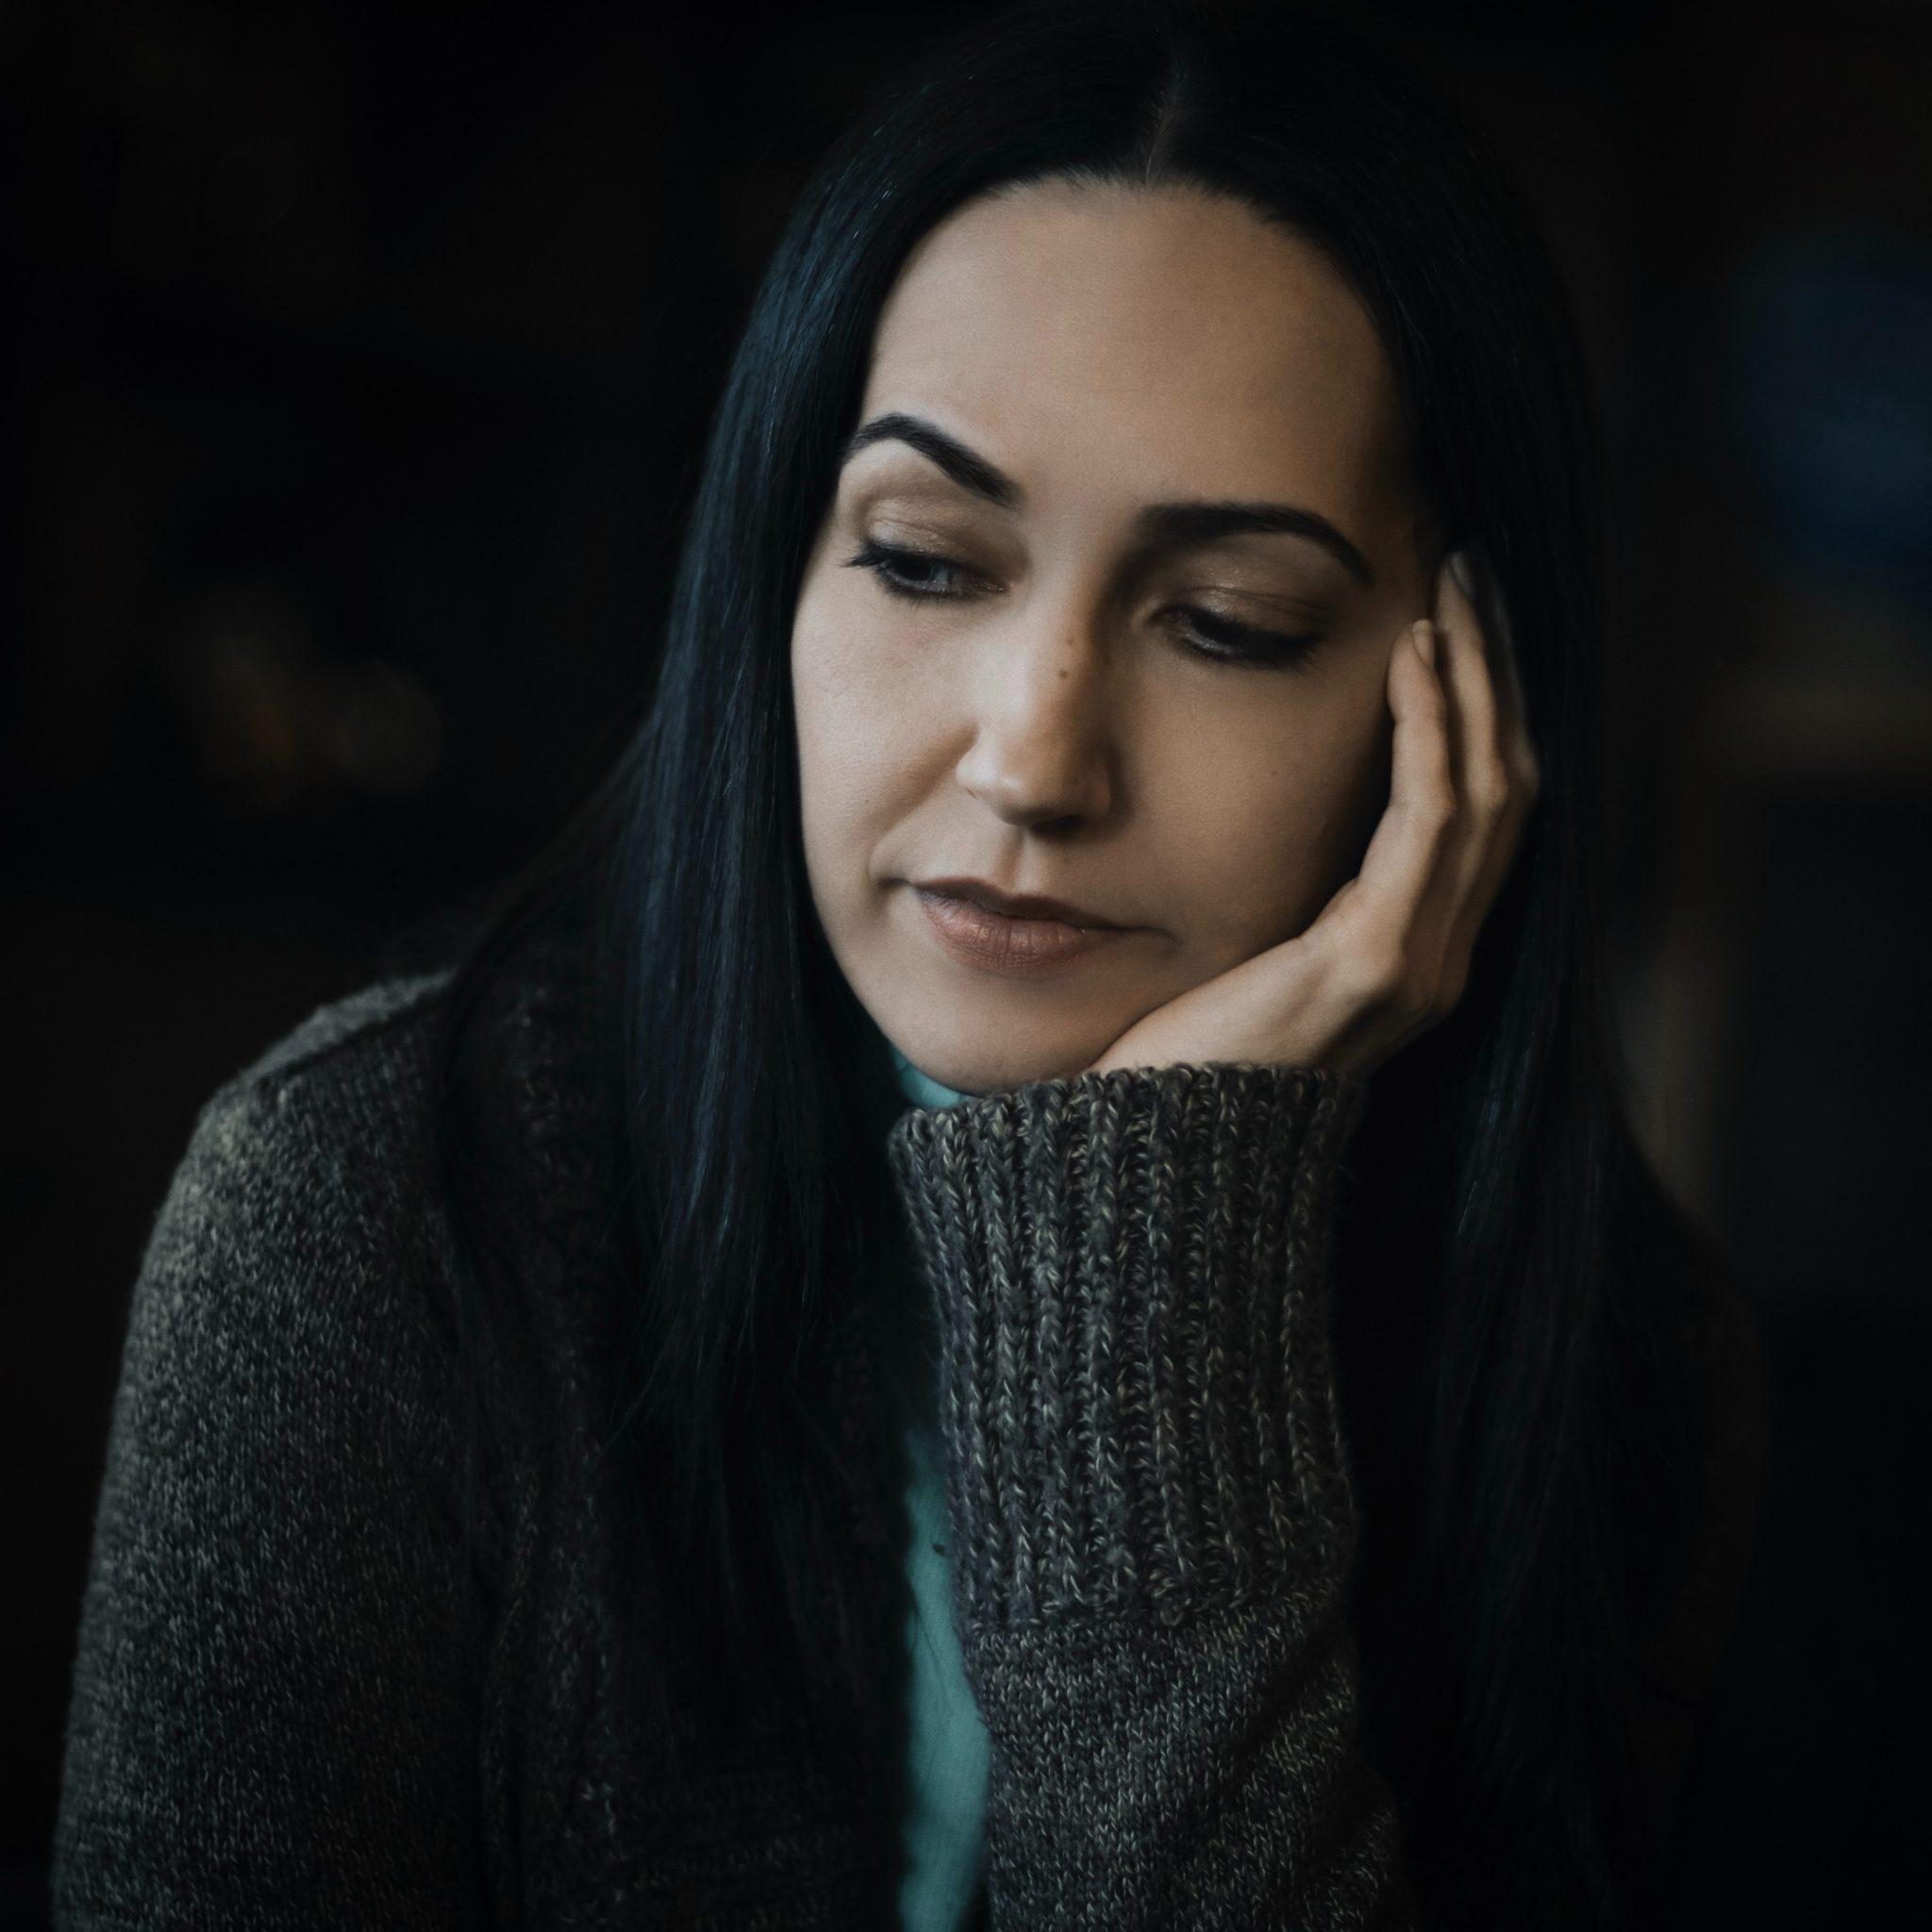 woman having mood swing due to estrogen levels